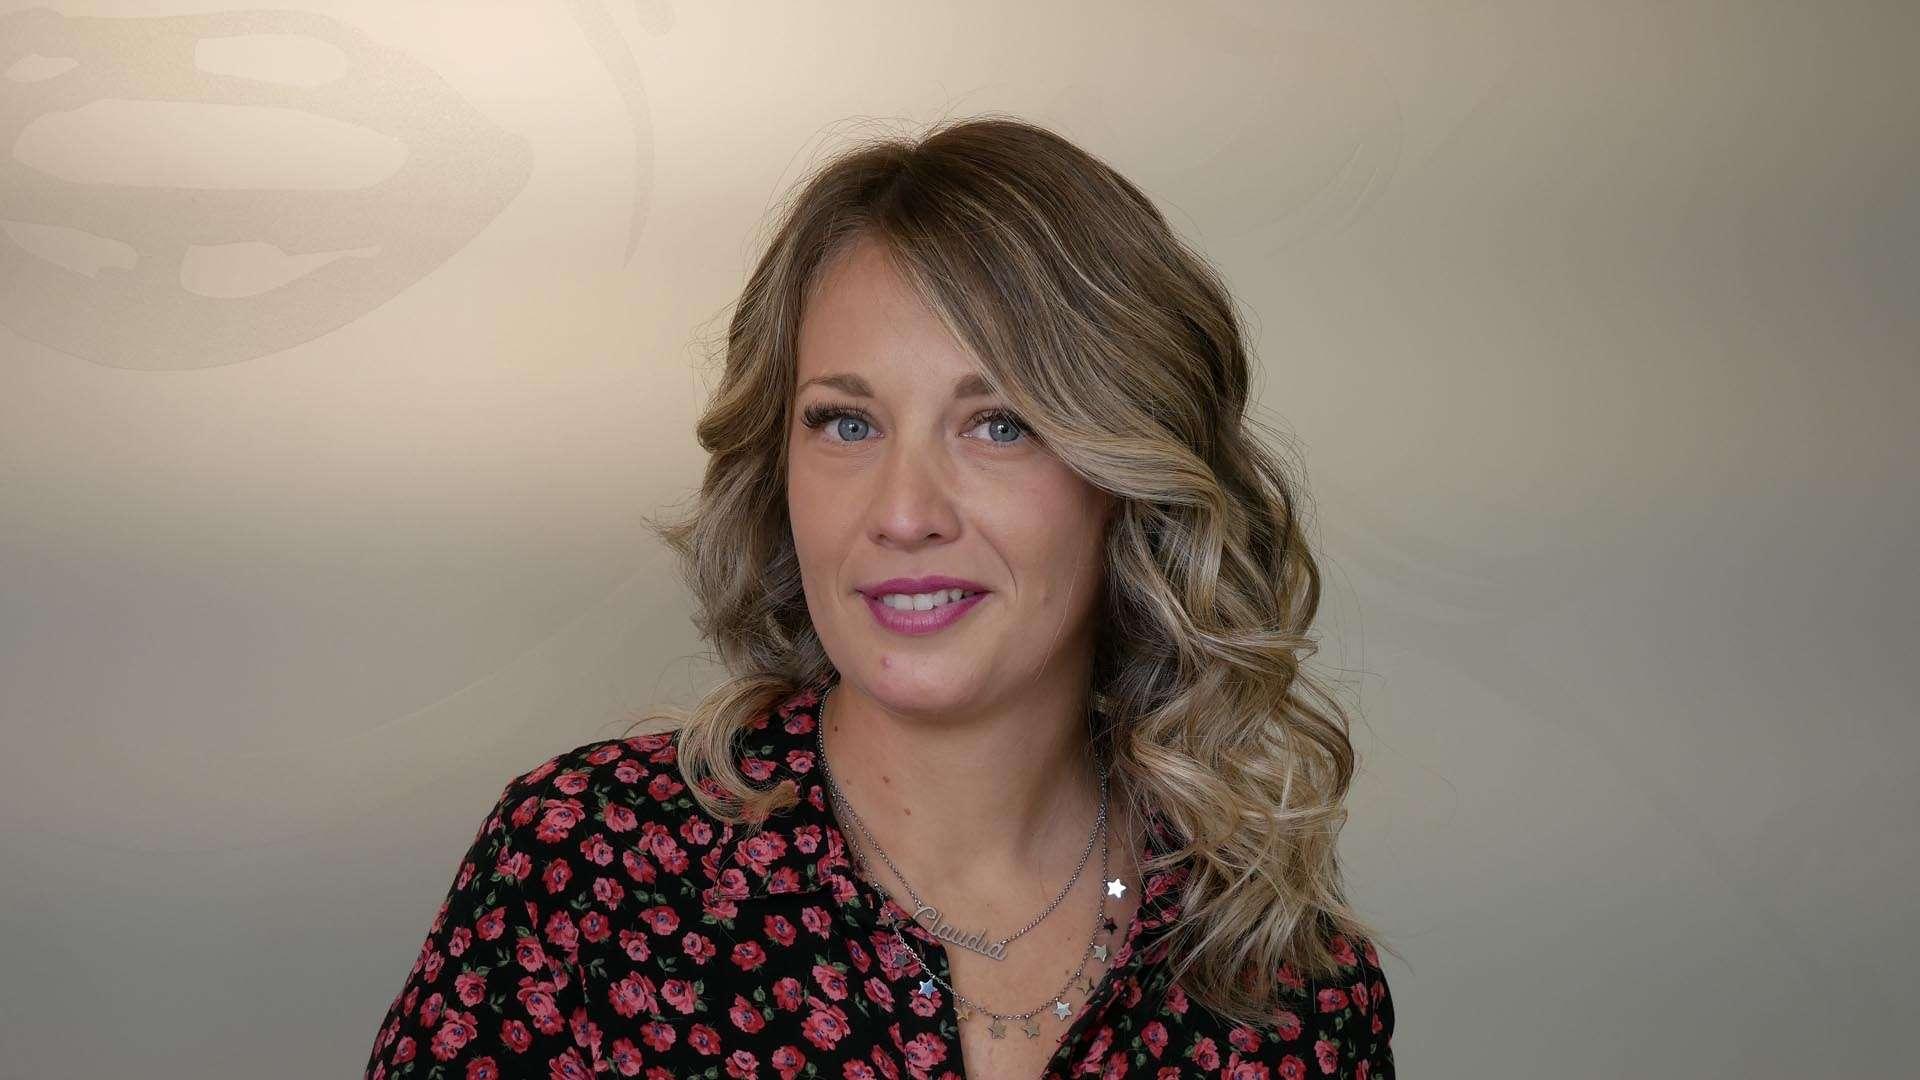 Claudia Piccininno